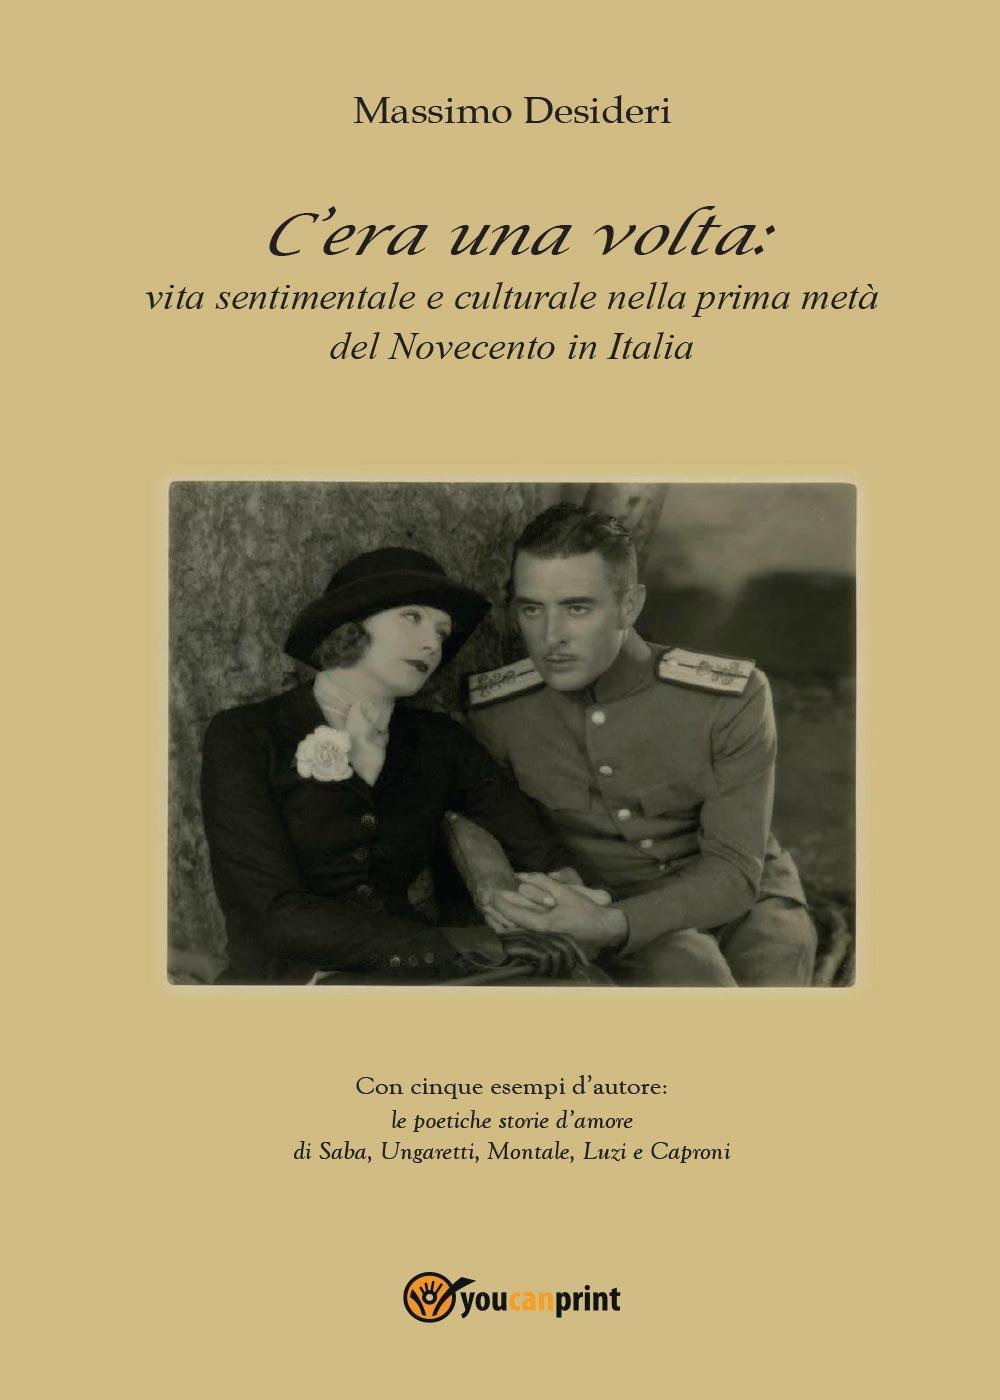 C'era una volta: vita sentimentale e culturale nella prima metà del Novecento in Italia